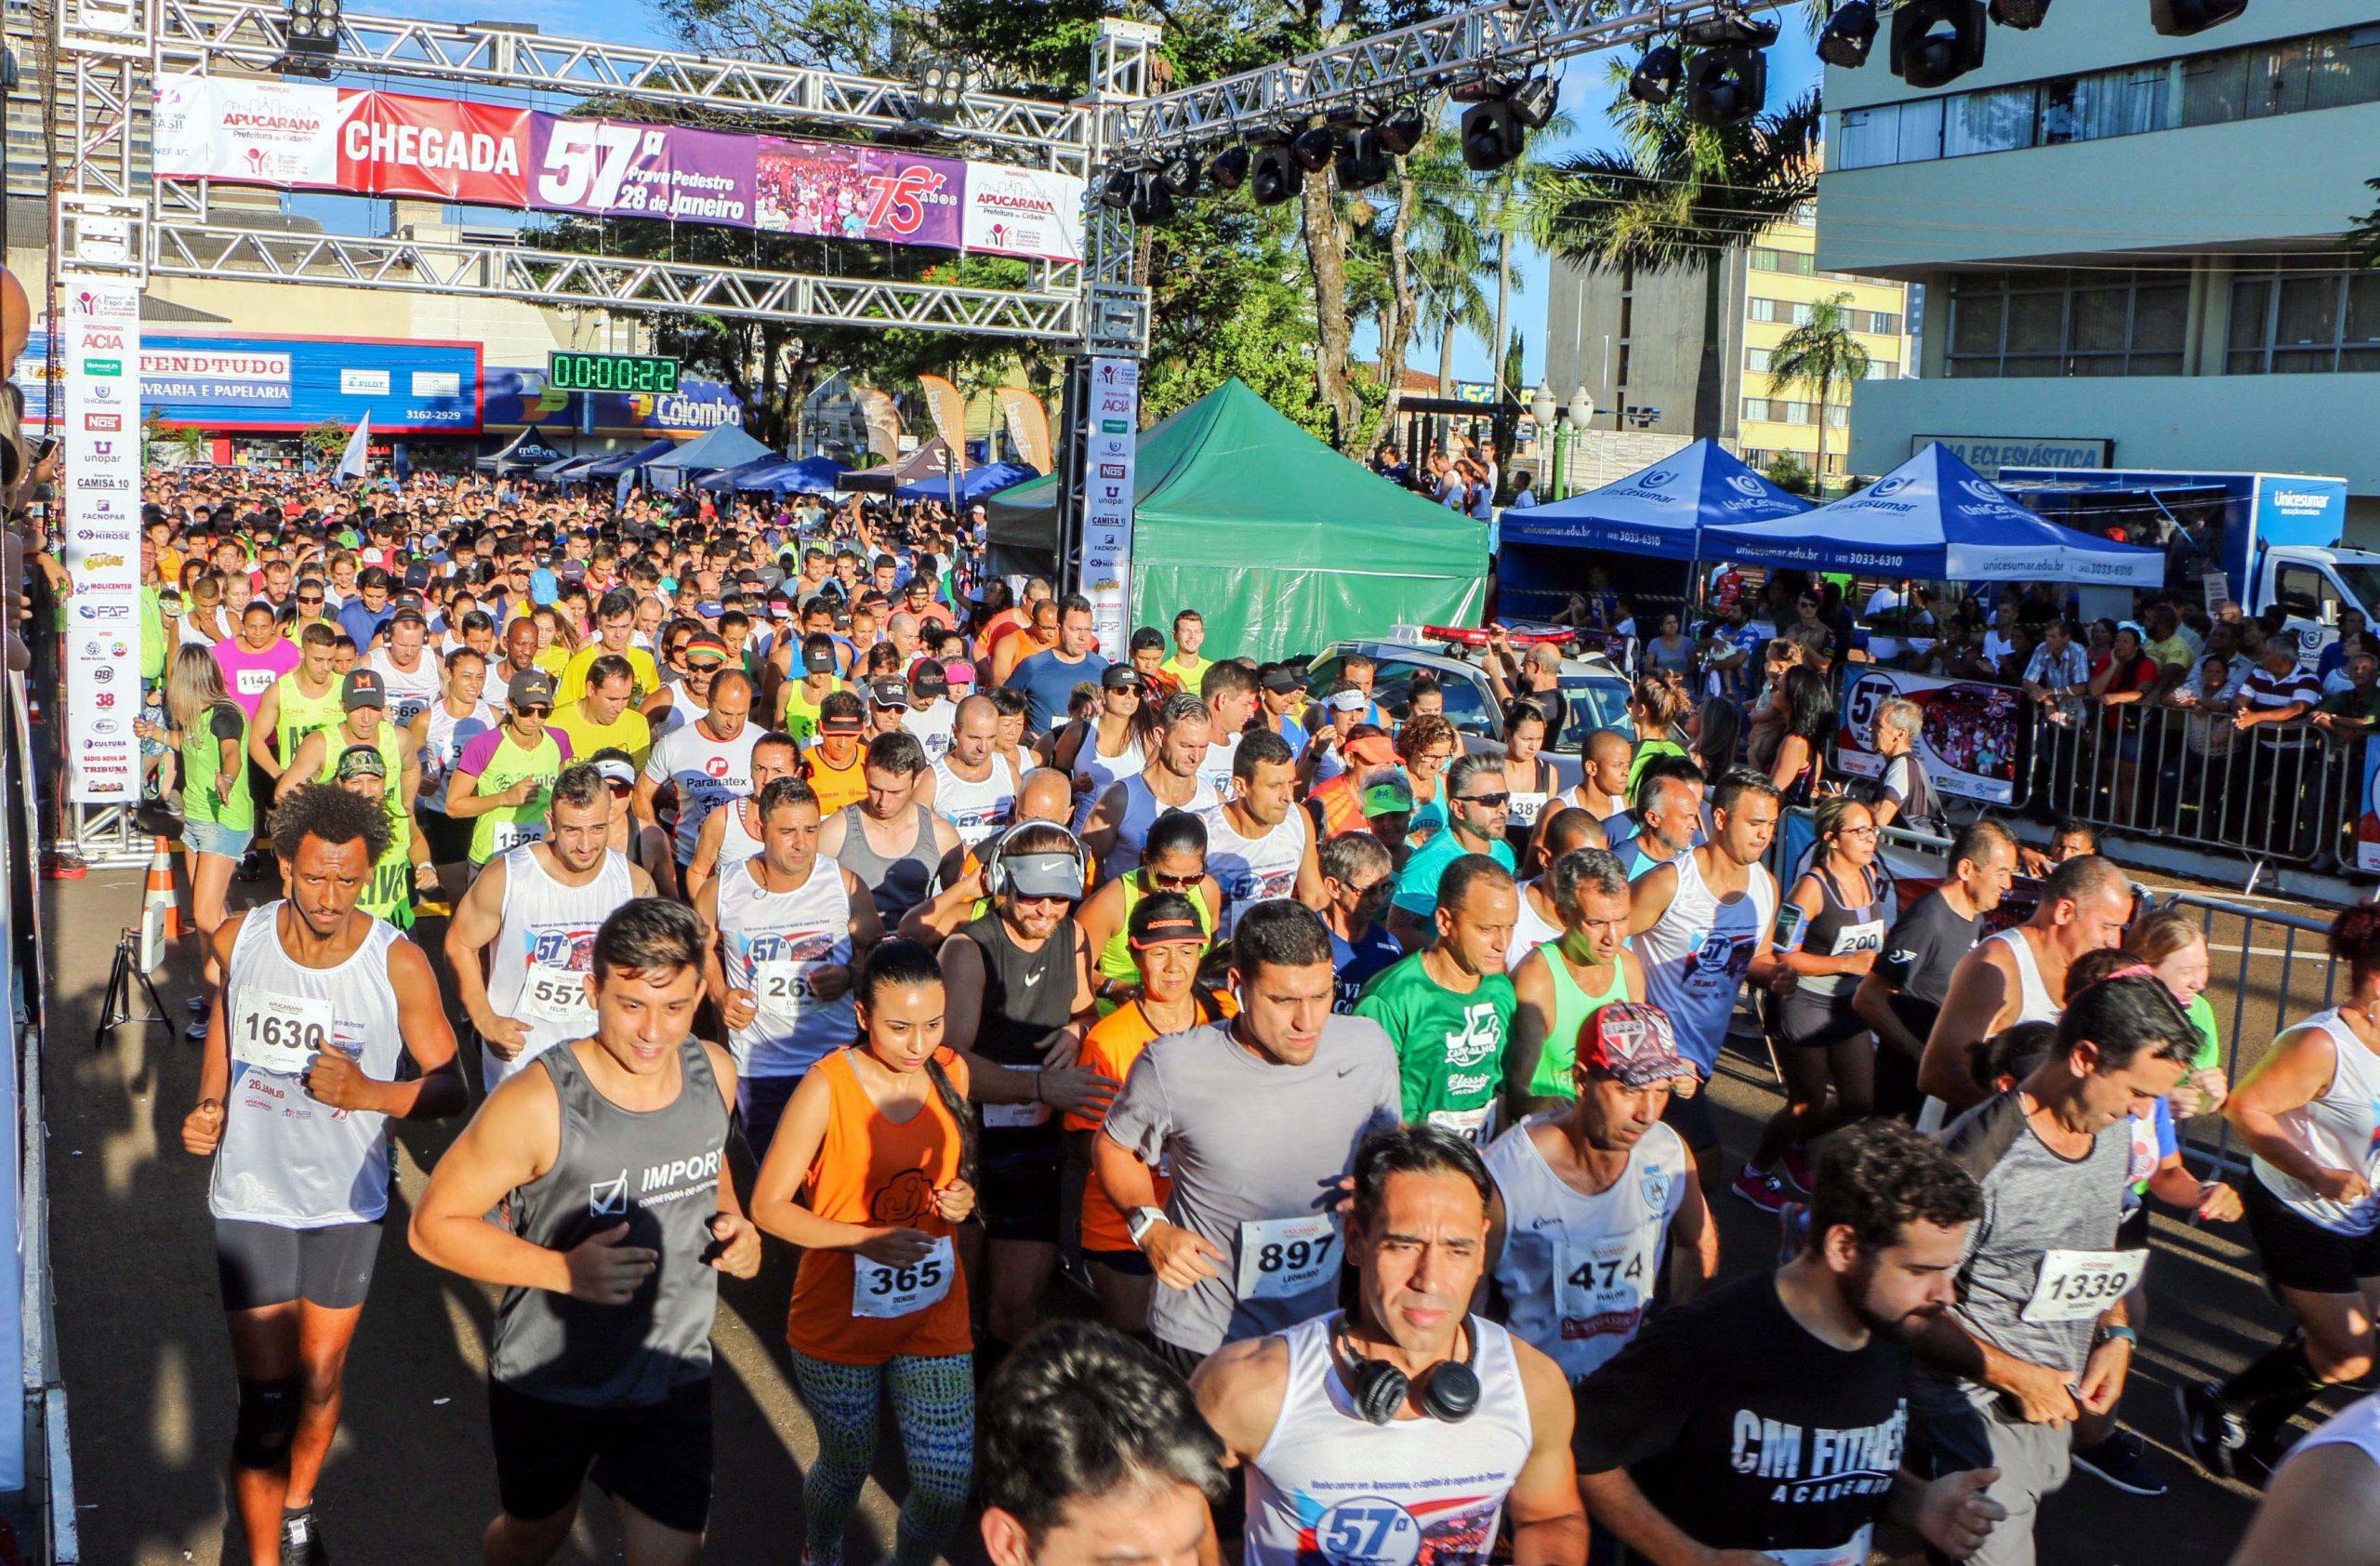 """Com o mote """"Corra em Apucarana, a Capital do Esporte no Paraná"""", a tradicional prova pedestre acontece neste sábado, com largadas da Praça Rui Barbosa, a partir das 16 horas com as categorias menores"""